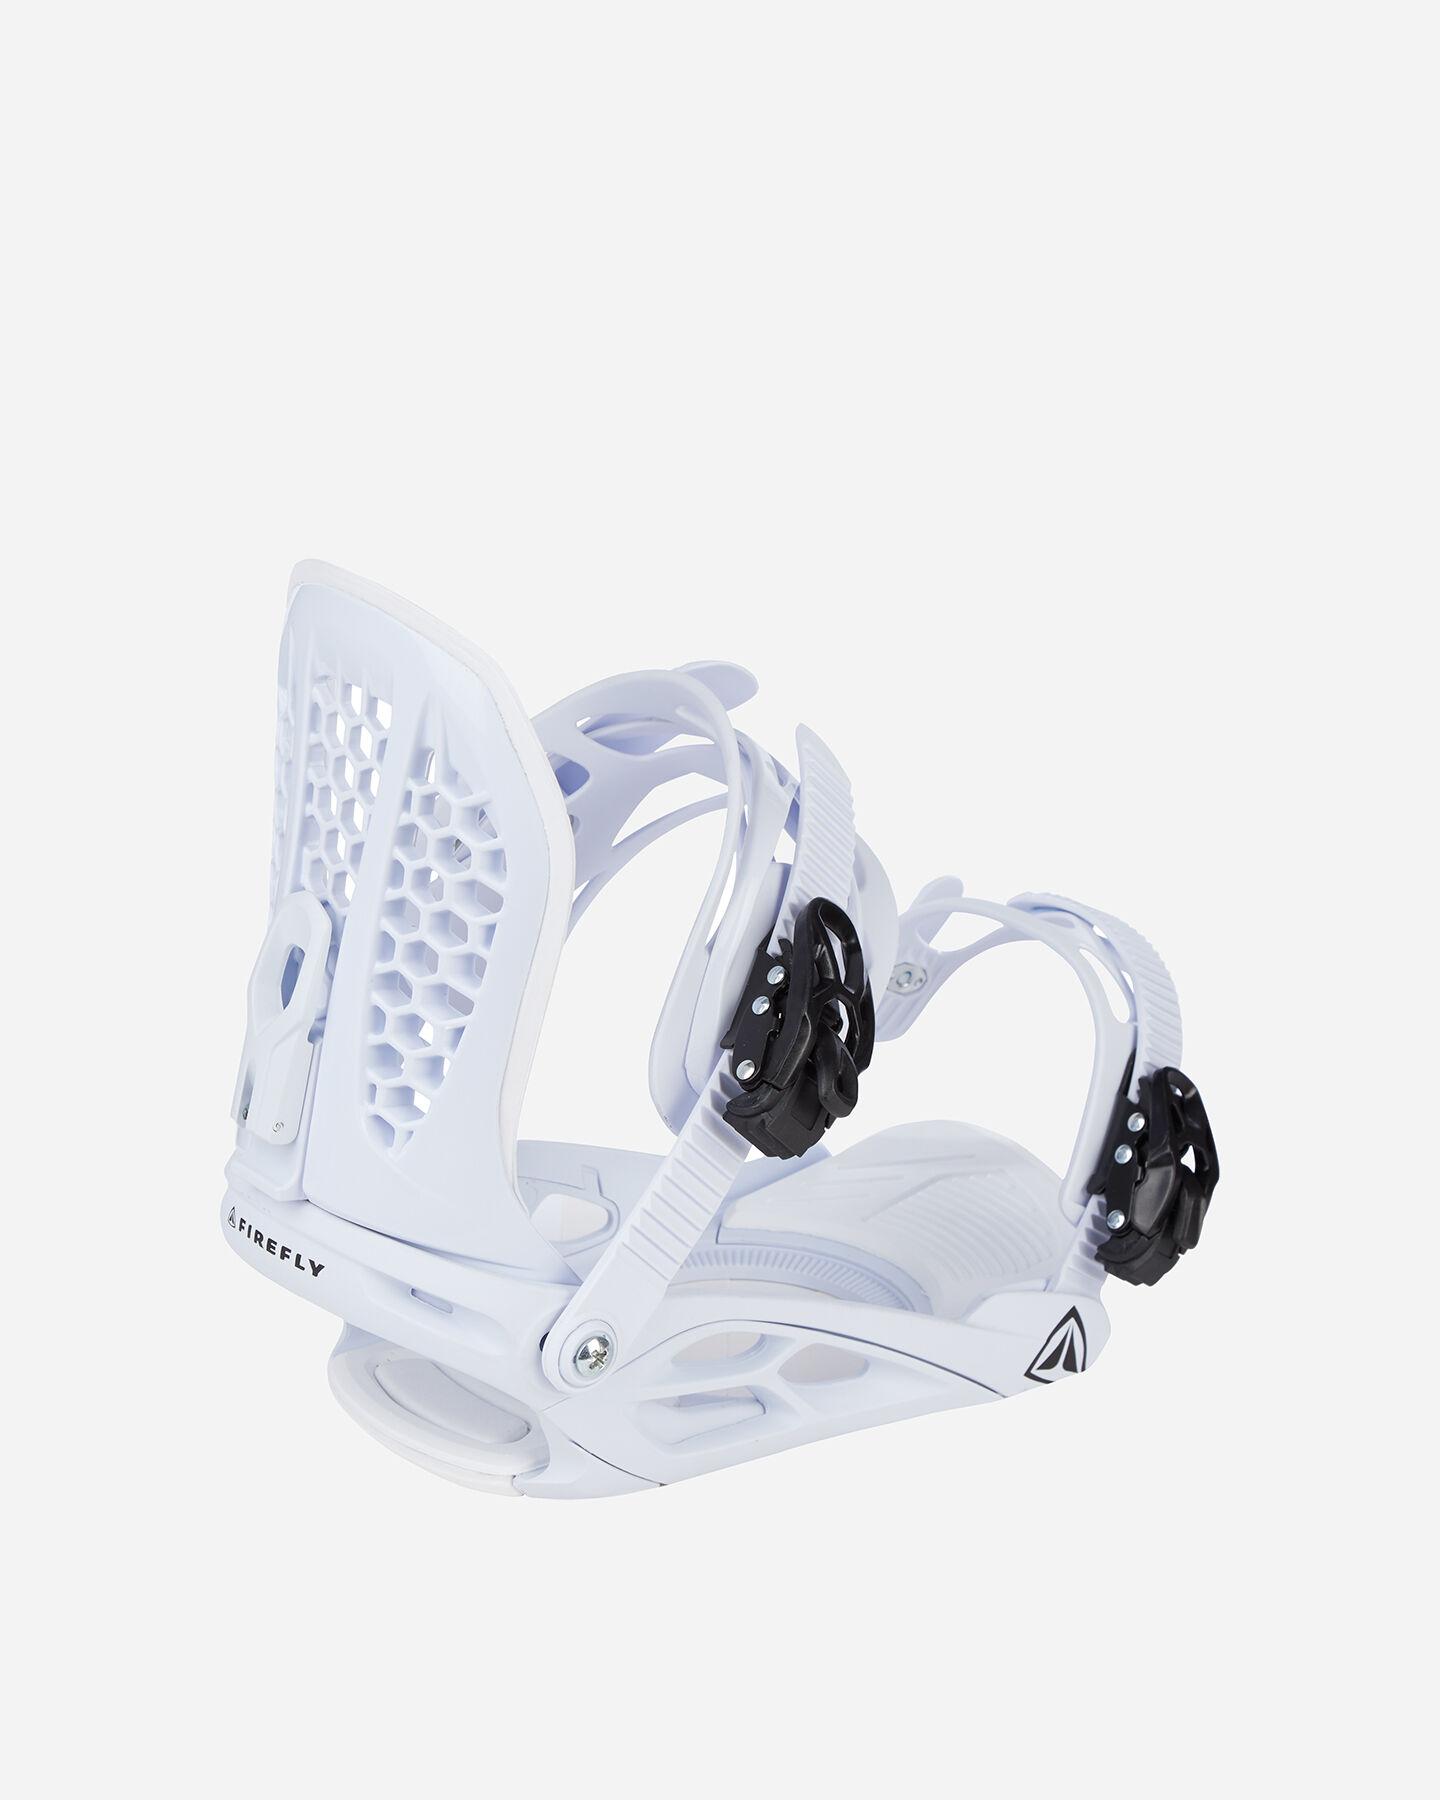 Attacchi snowboard FIREFLY AX1 S2003617 scatto 1